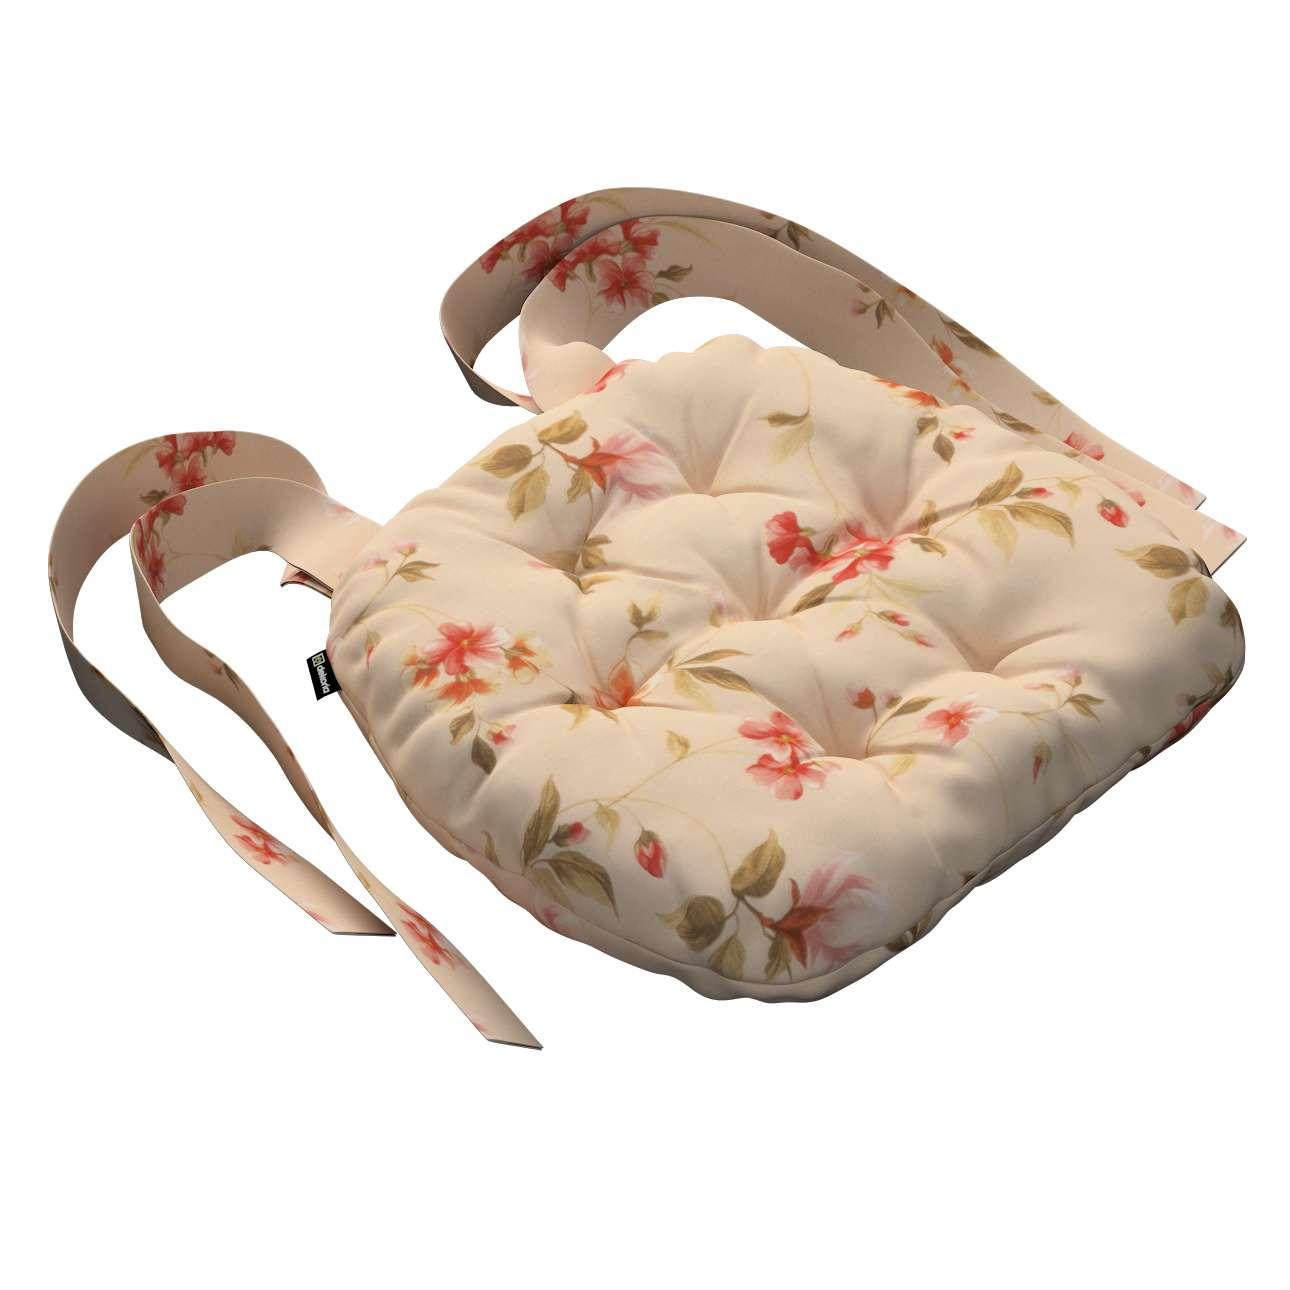 Kėdės pagalvėlė Marcin (apvaliais kraštais) 40 x 37 x 8 cm kolekcijoje Londres, audinys: 124-05